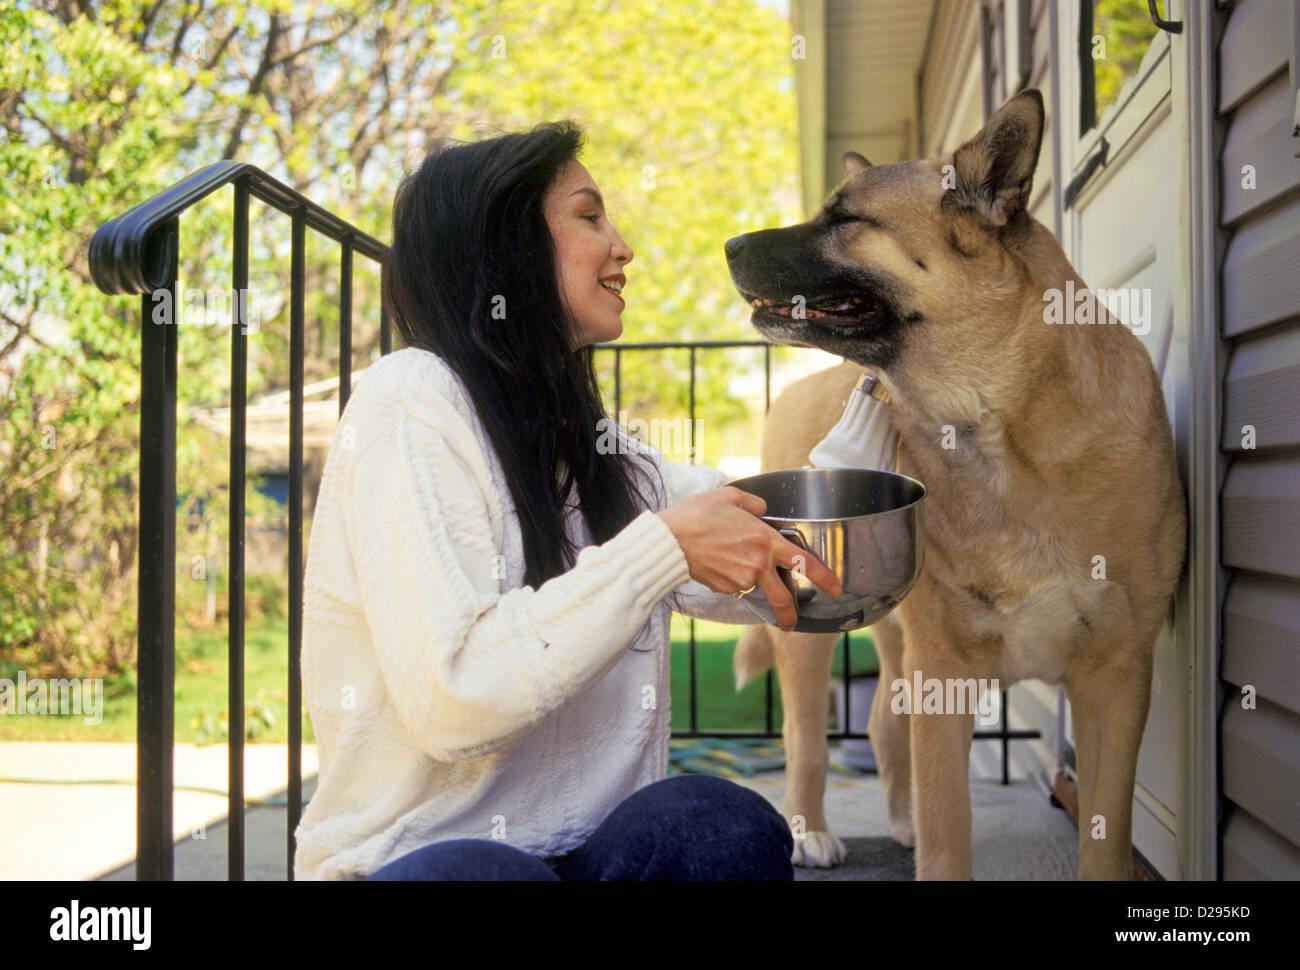 La mujer en su 30S mirando a su perro, mientras le ofrece el agua Imagen De Stock